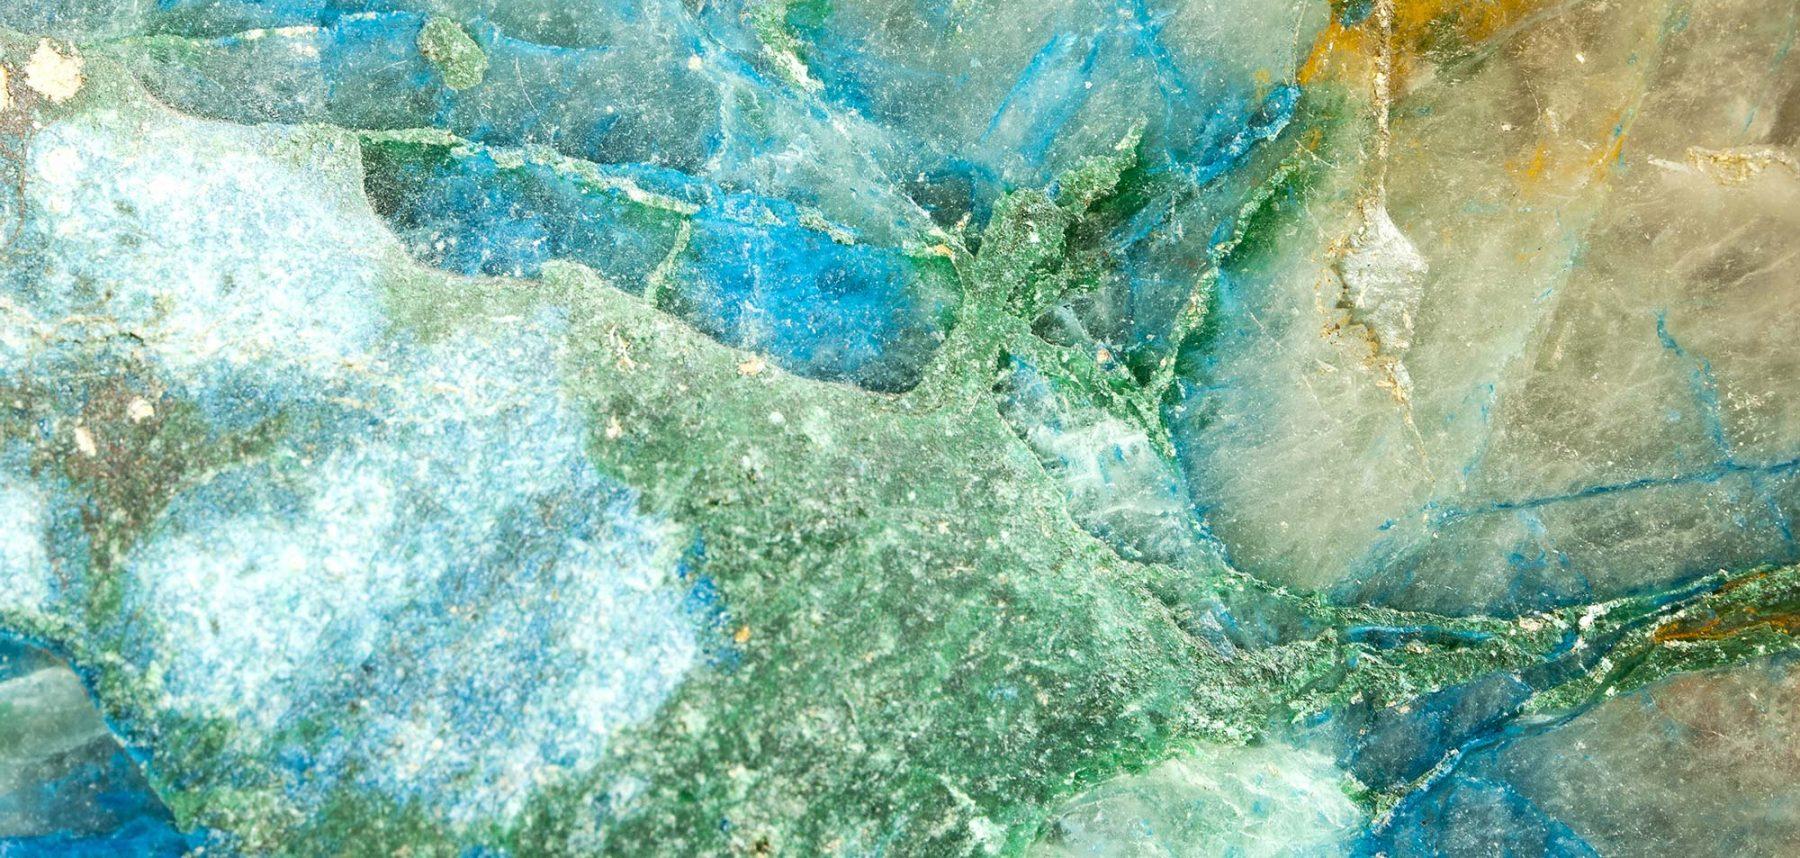 Kristall Makrofotografie